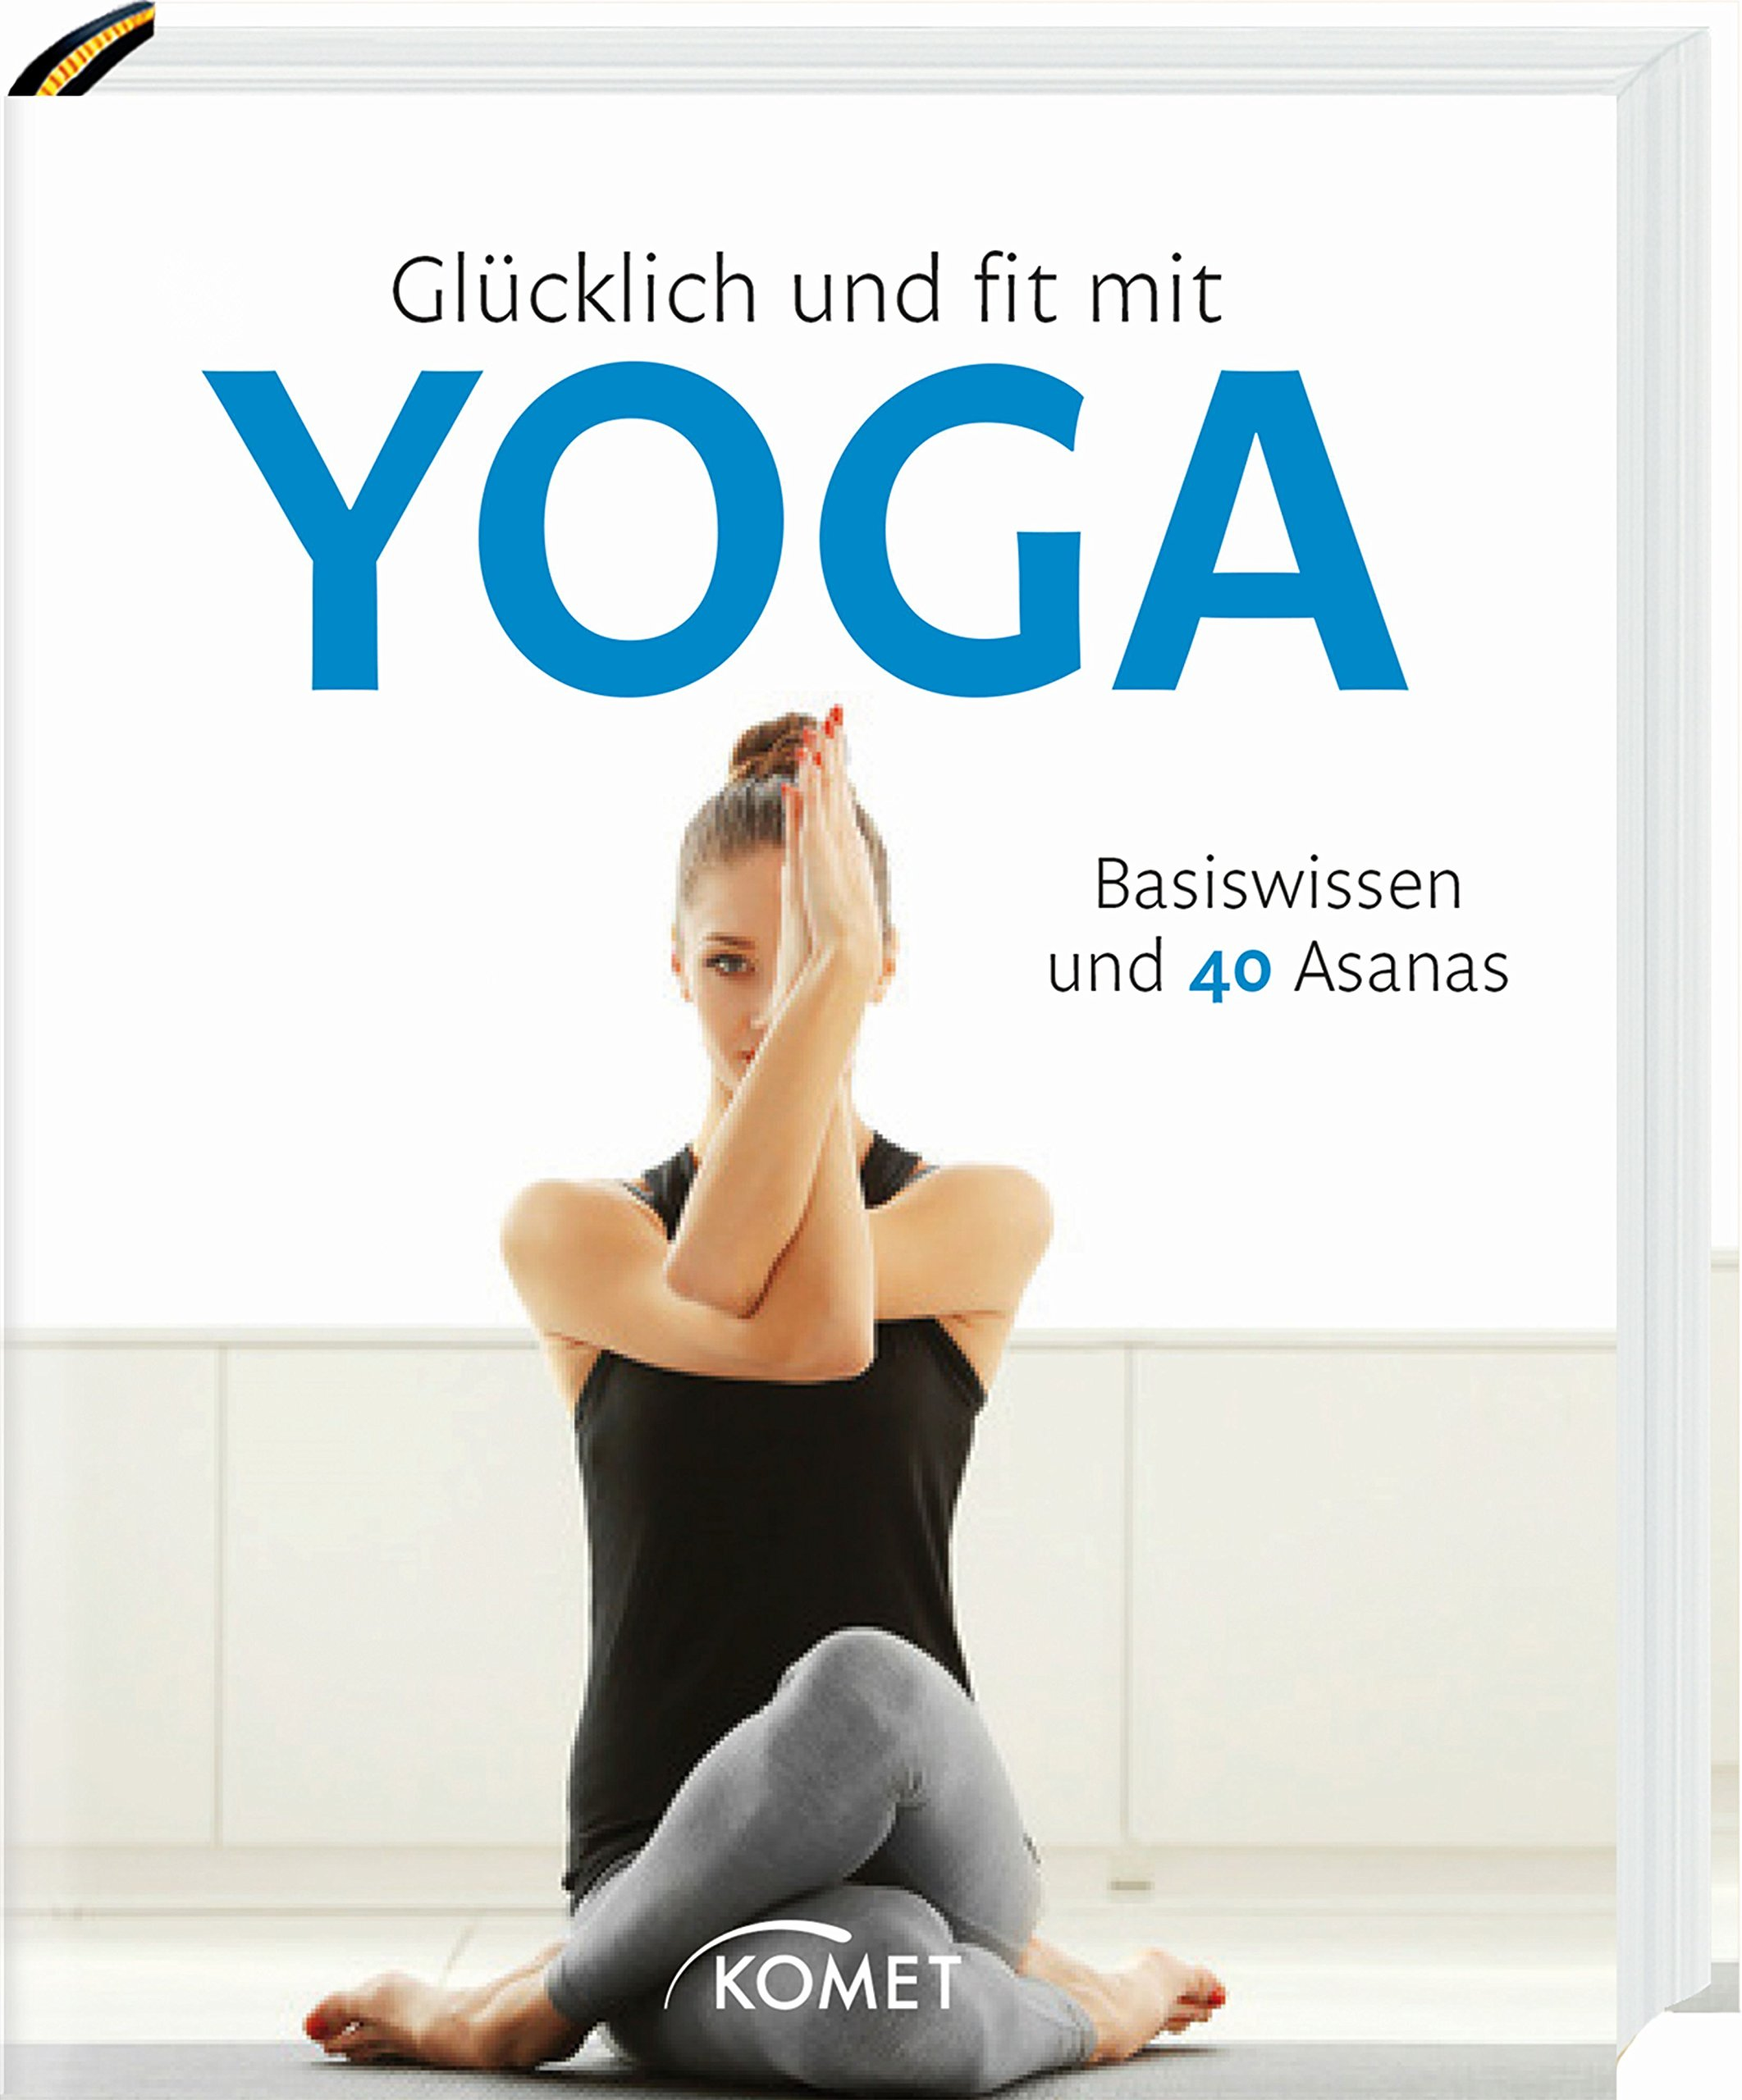 Glücklich und fit mit Yoga: Basiswissen und 40 Asanas ...